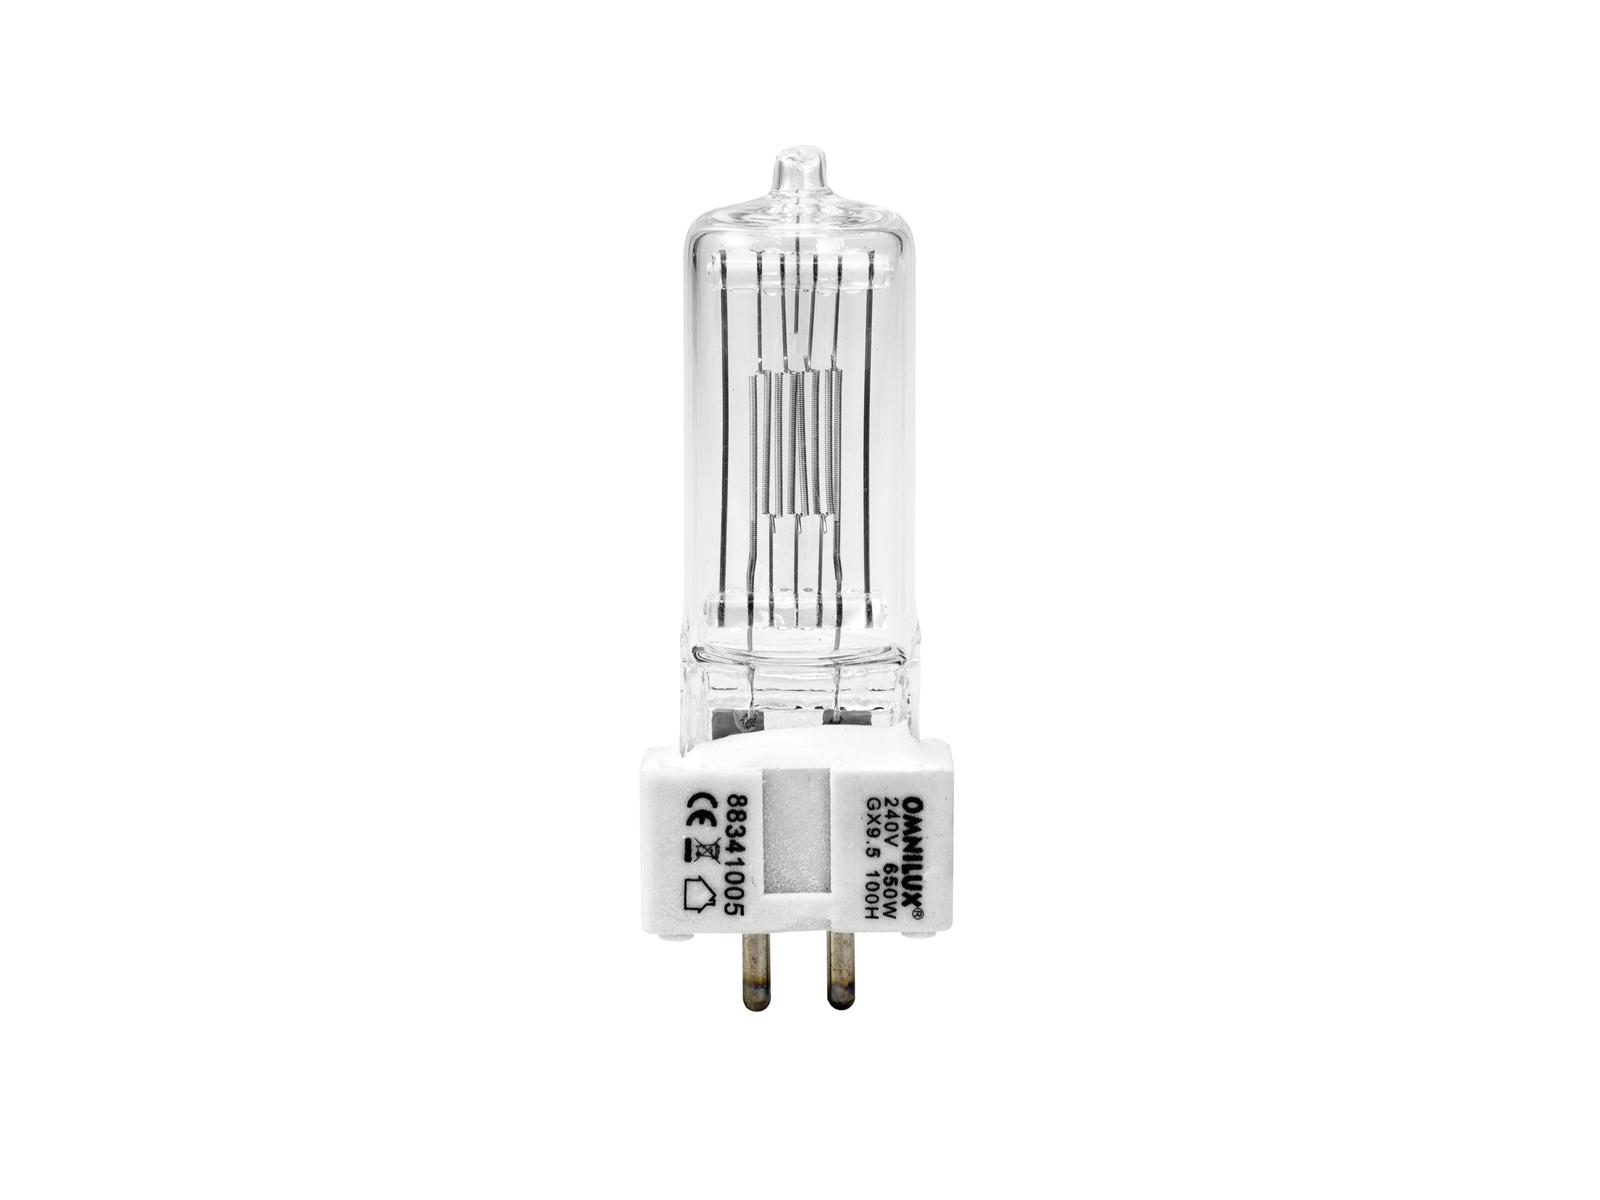 Lampada Lampadina OMNILUX 240V/GX 650W Attacco 9.5 100h 3200K